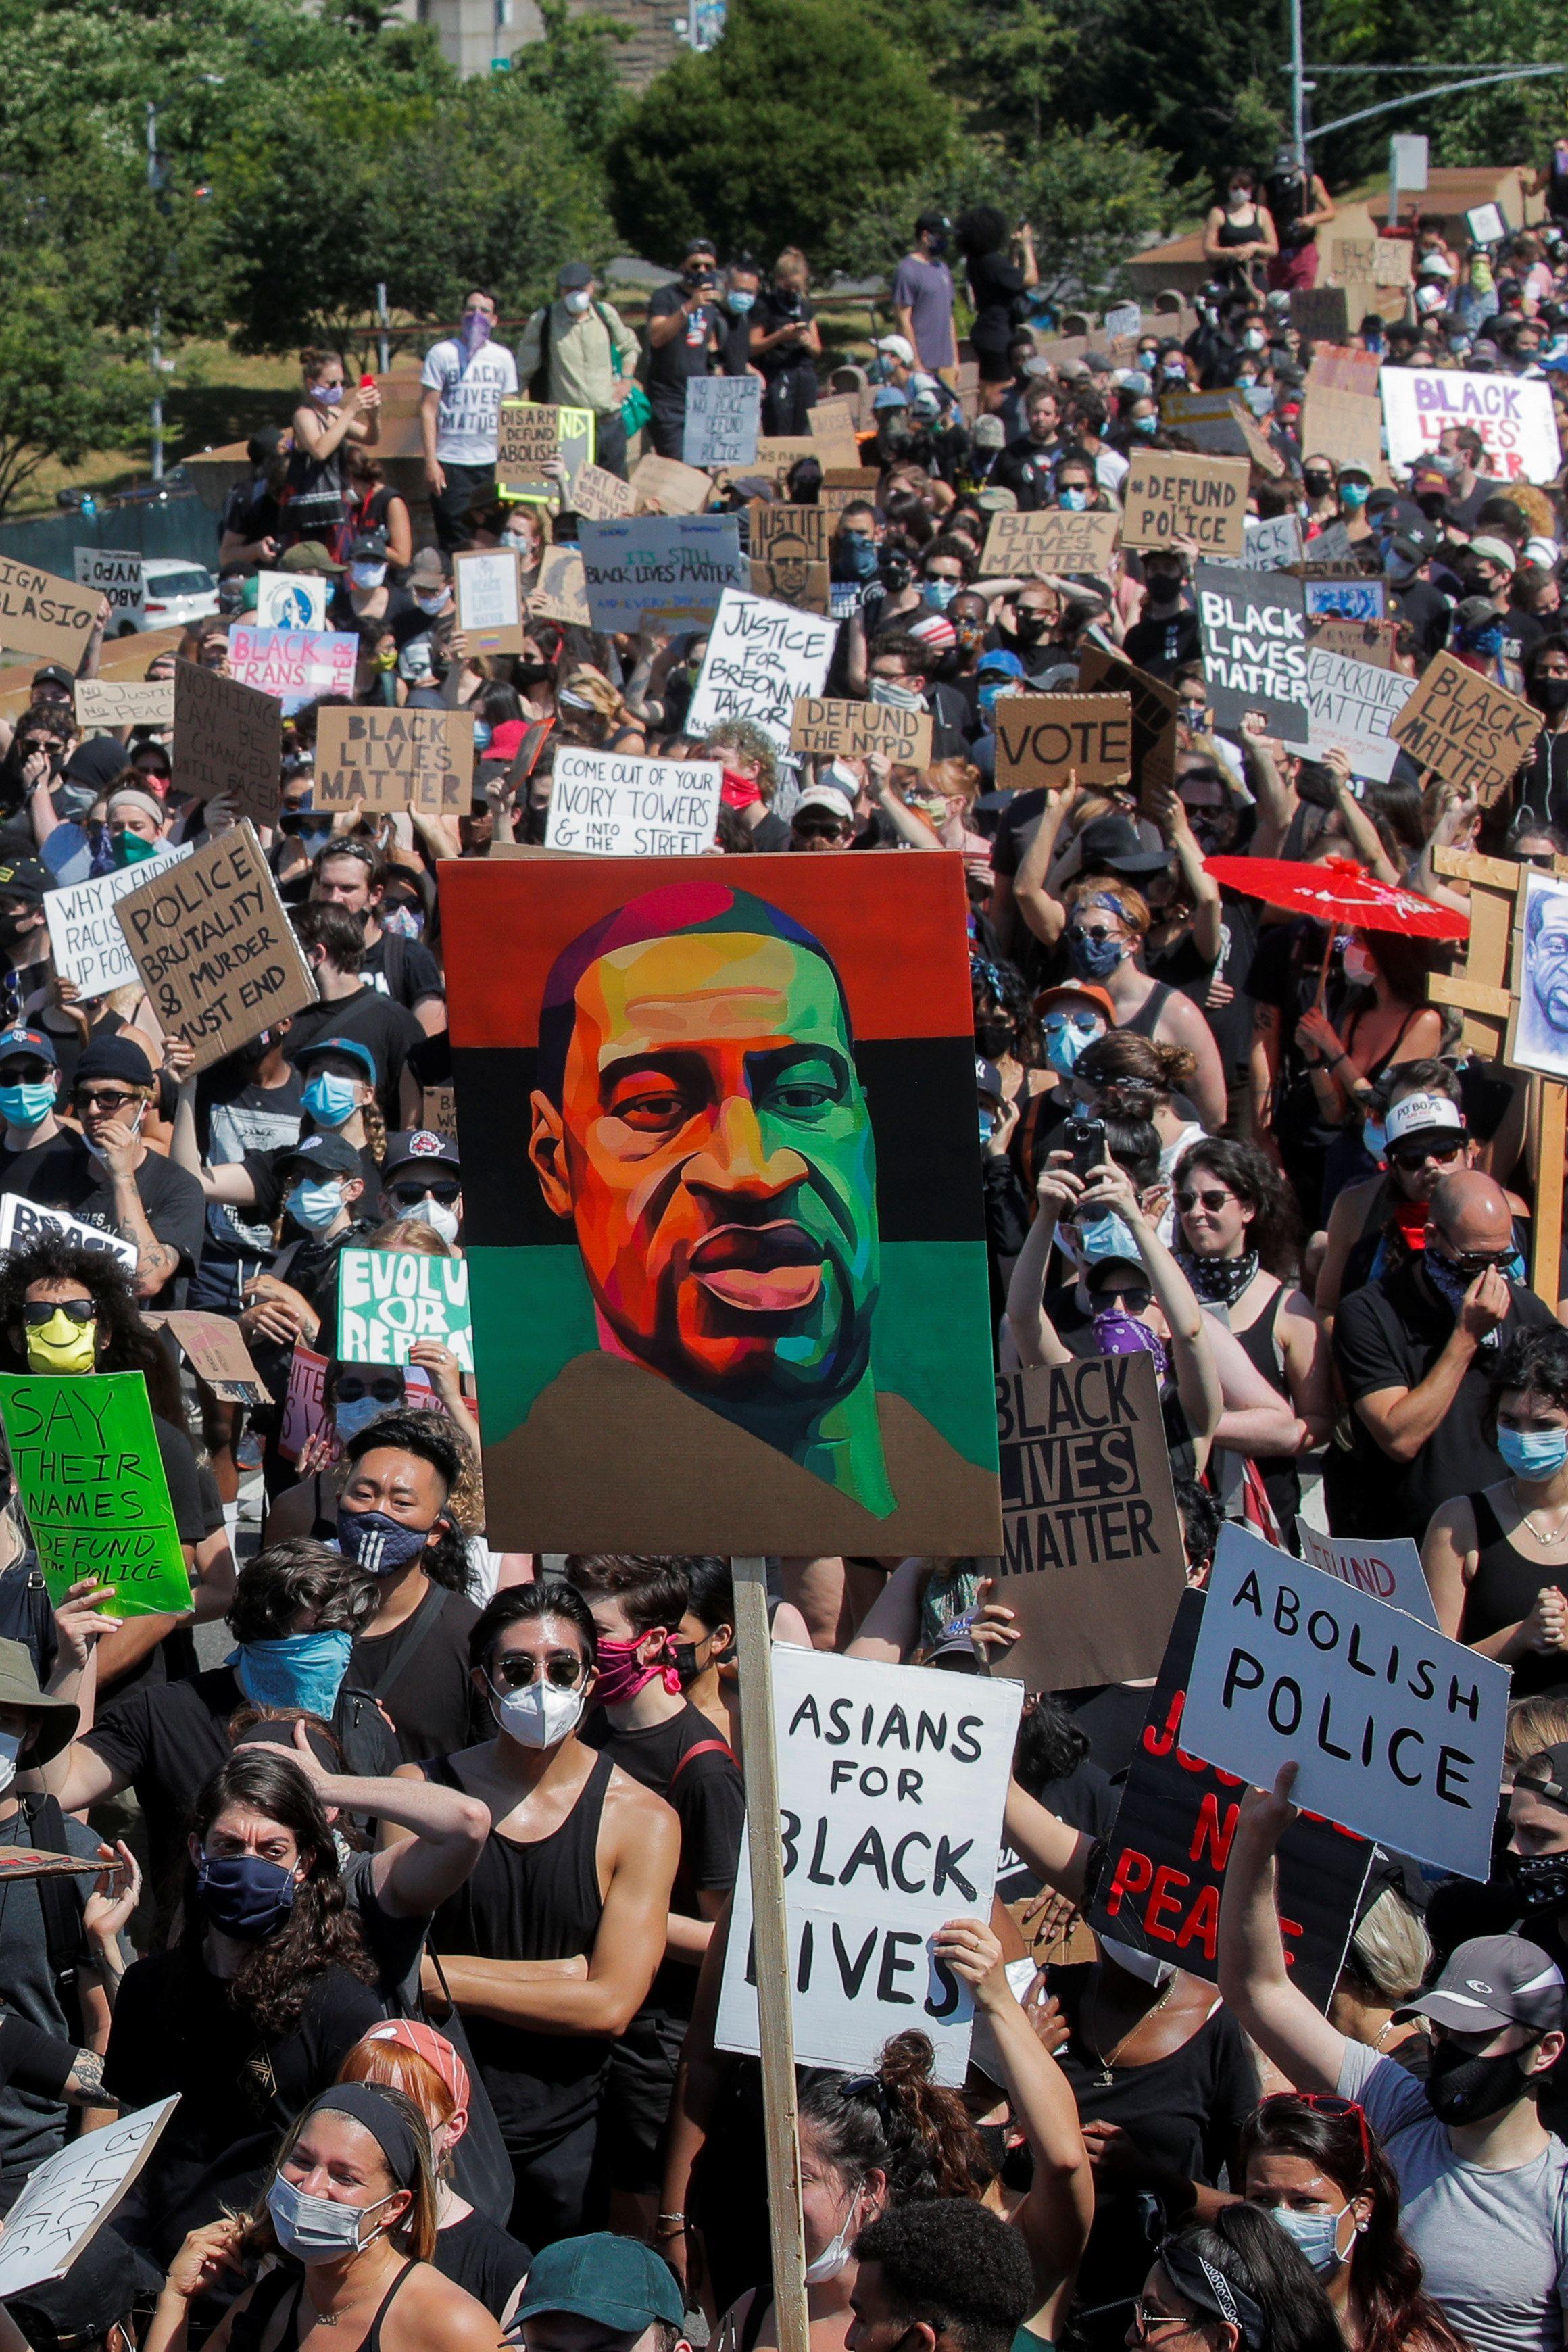 Gente se manifestó en EEUU por Juneteenth, que conmemora el fin de la esclavitud en el país REUTERS/Brendan Mcdermid